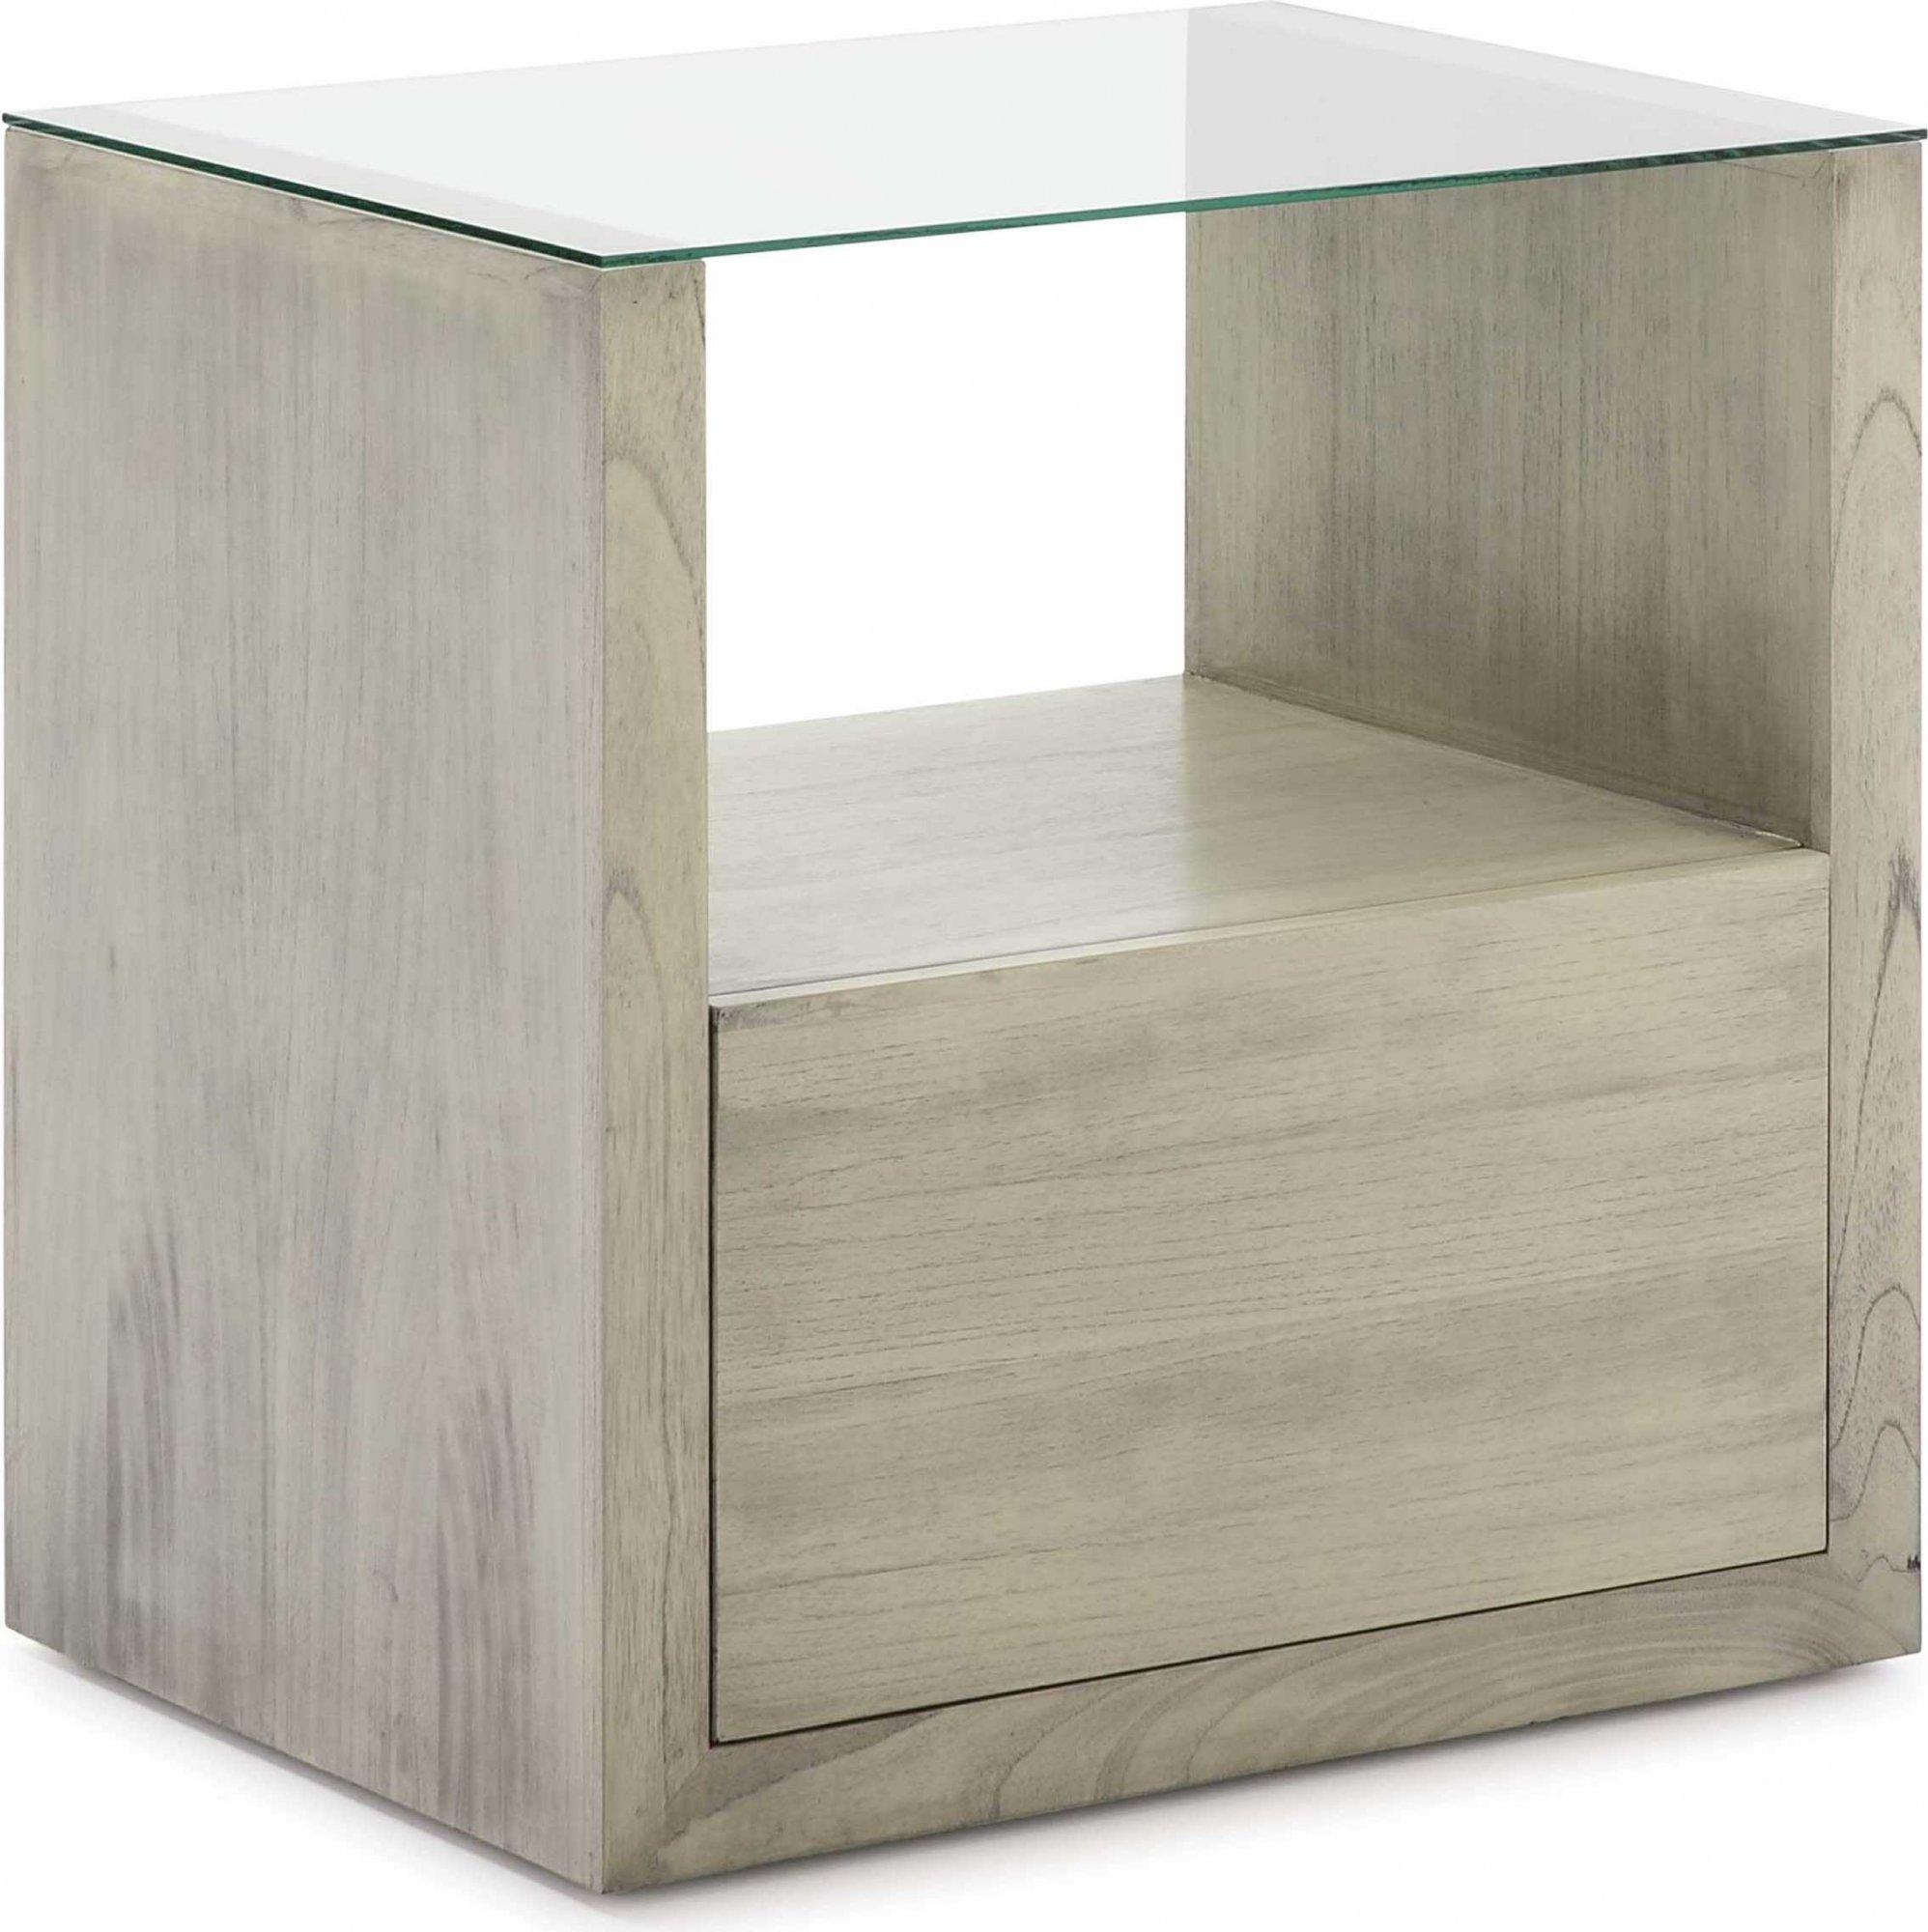 Table de chevet en bois gris clair plateau en verre